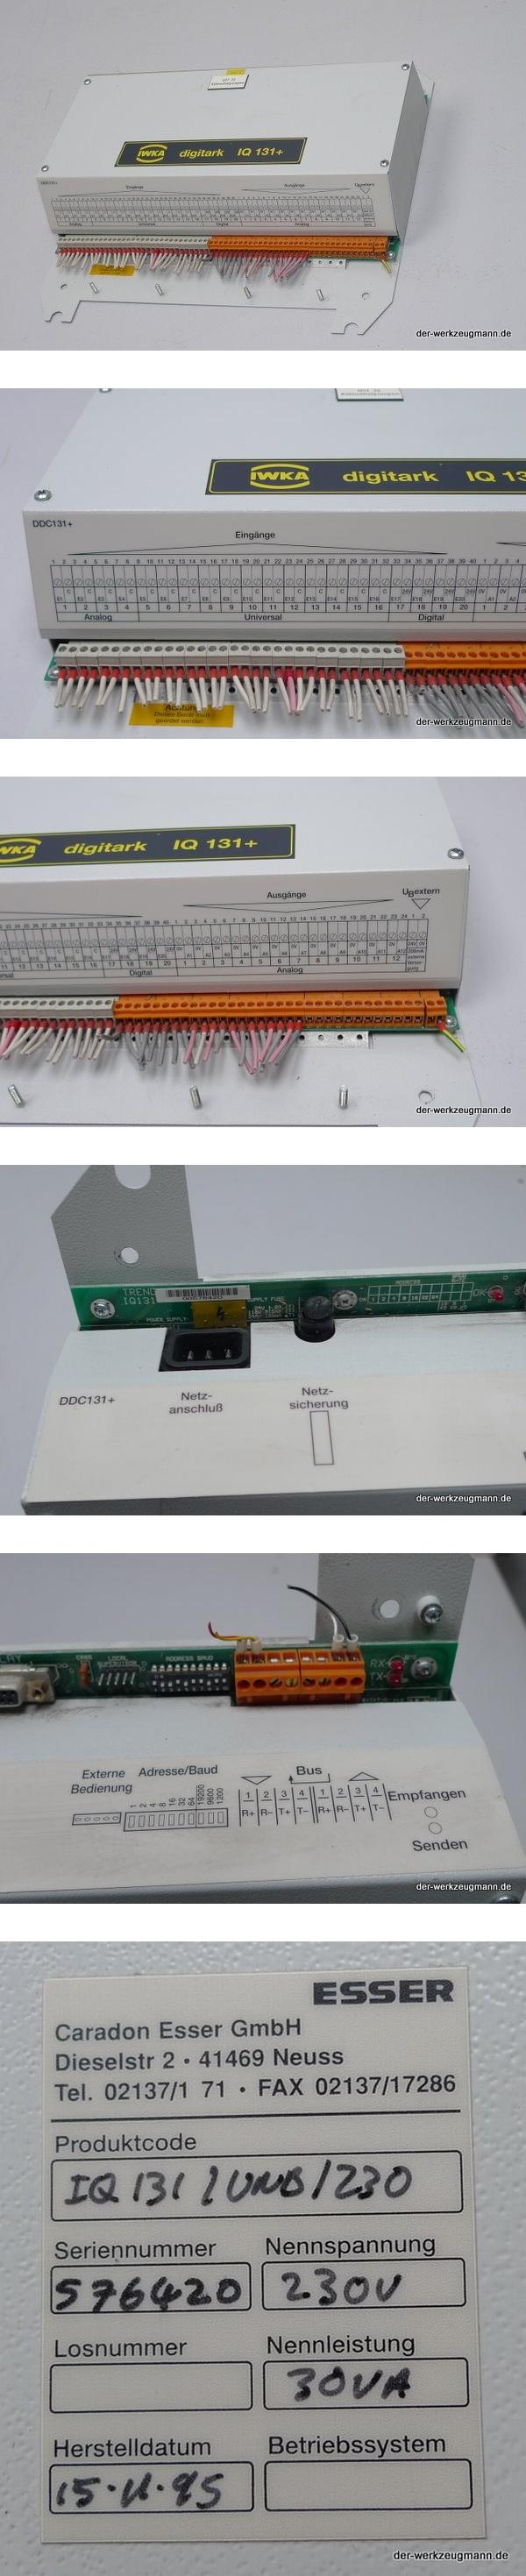 IWKA digitark Esser Trend IQ-131/UNB/230